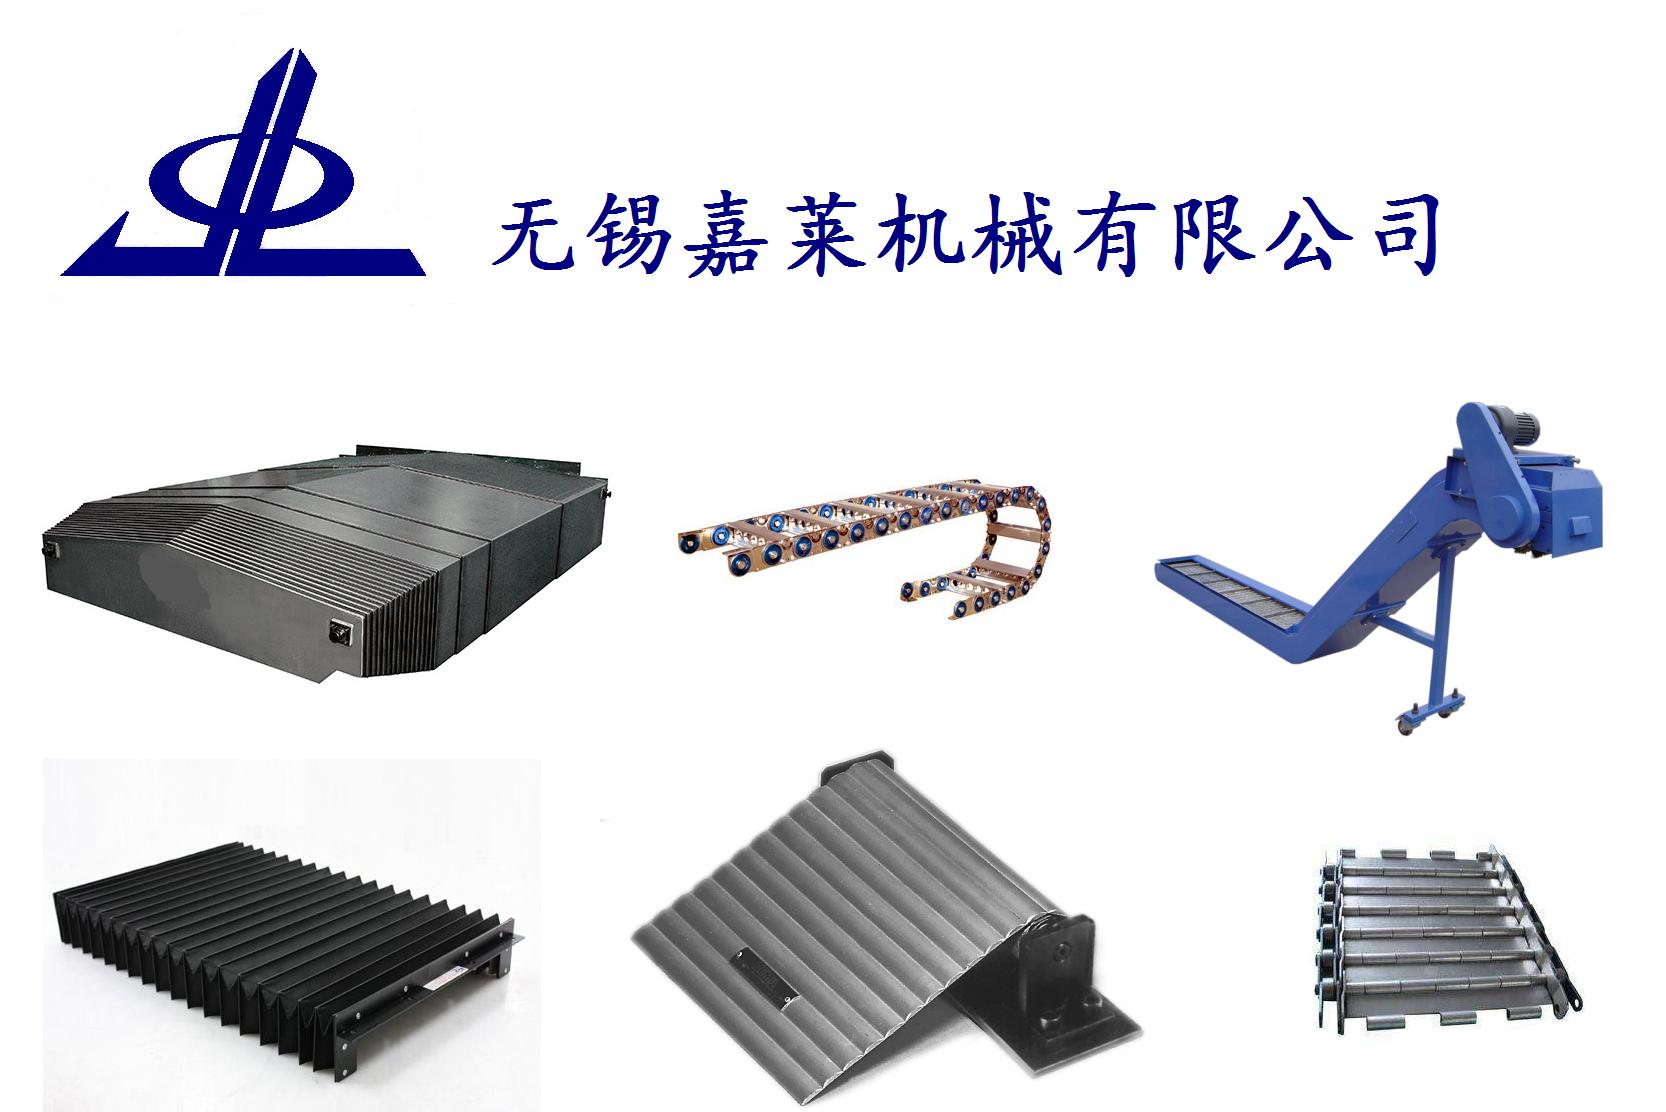 蘇州機床排屑機生產廠家